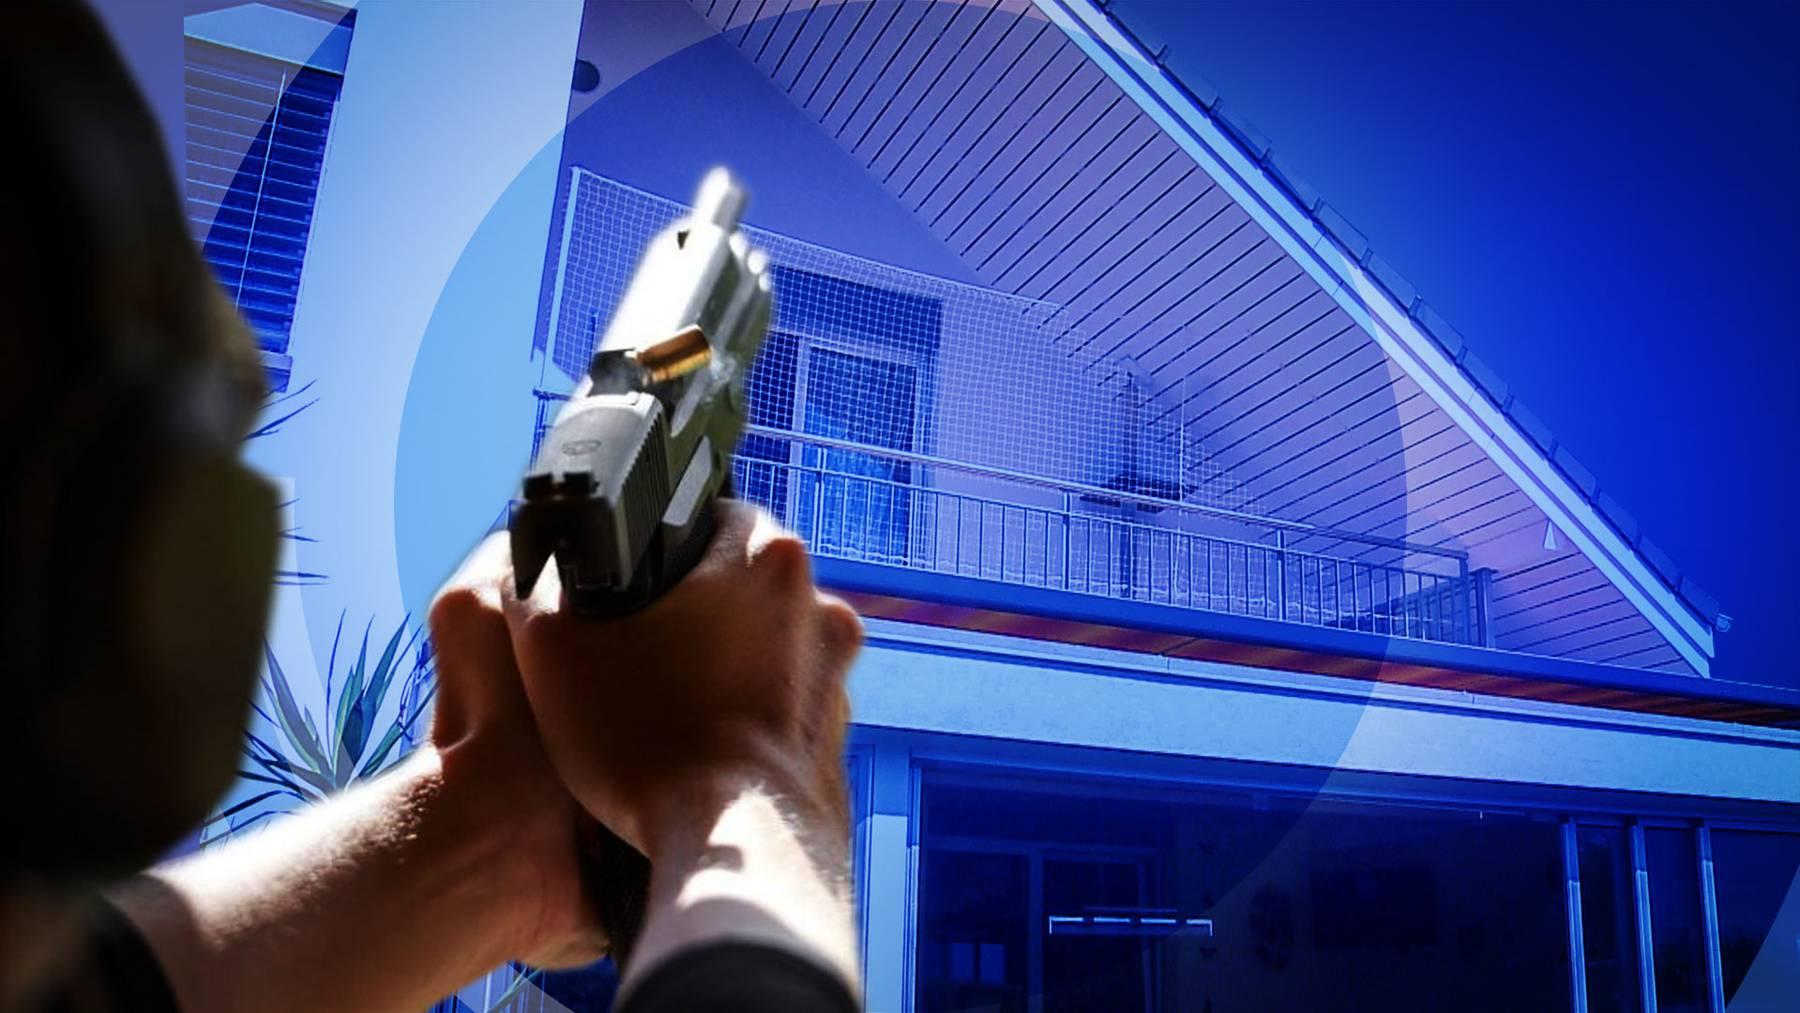 Schussabgabe auf ein Haus in Zetzwil ist geklärt